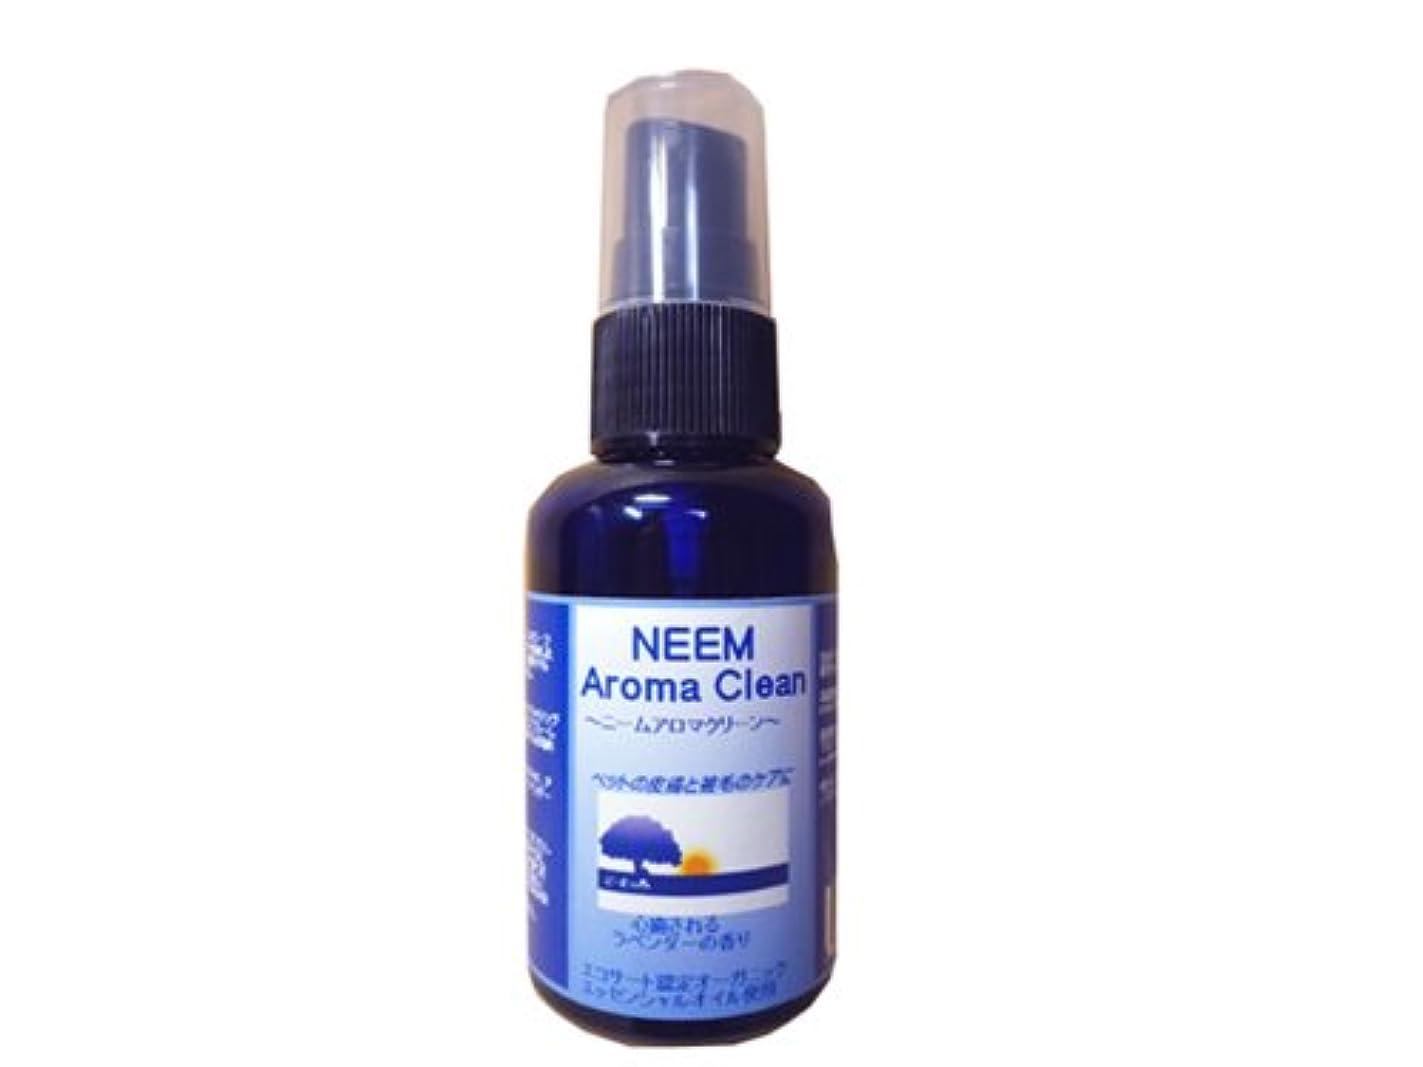 ヒューム聖歌散歩ニームアロマクリーン(ラベンダー) NEEM Aroma Clean 50ml 【BLOOM】【(ノミ?ダニ)駆除用としてもお使いいただけます。】